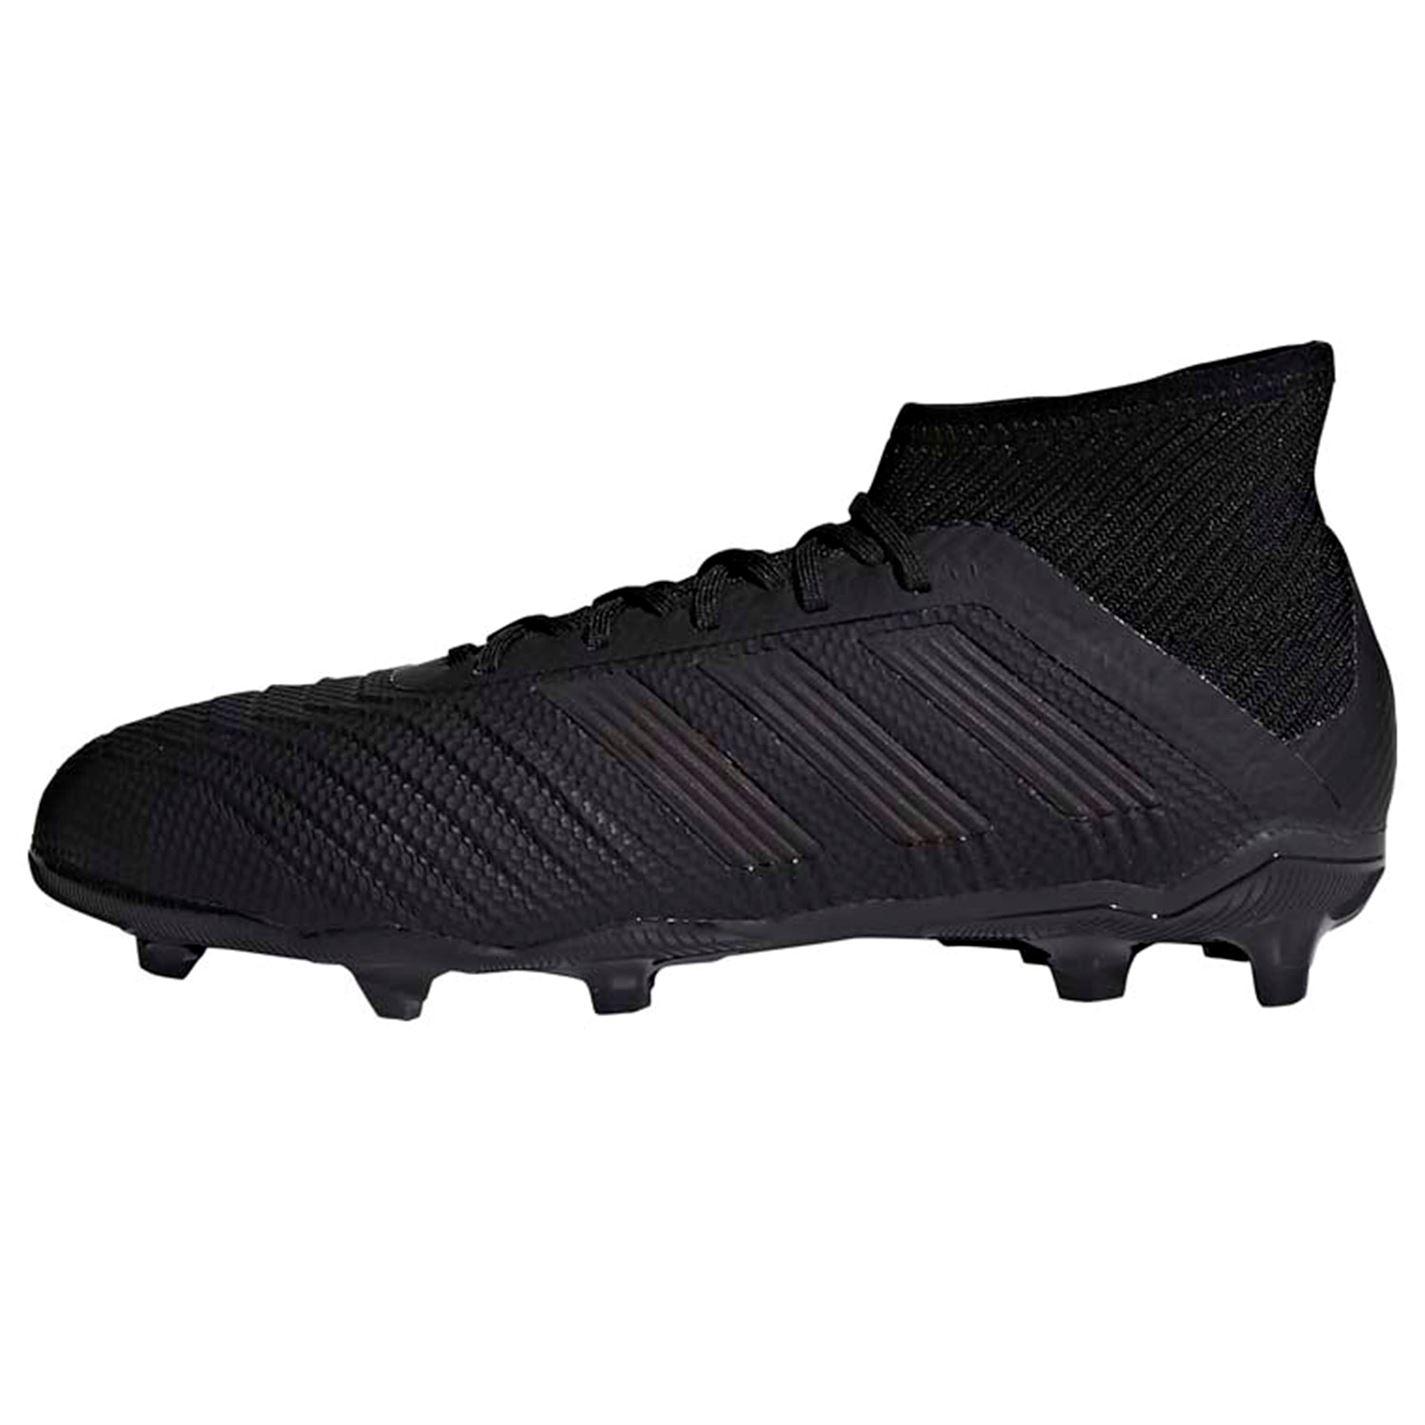 35b15b47a Fotbalové kopačky adidas Predator 18.1 Junior FG Football Boots. Fotbalové  kopačky adidas Predator 18.1 Junior ...